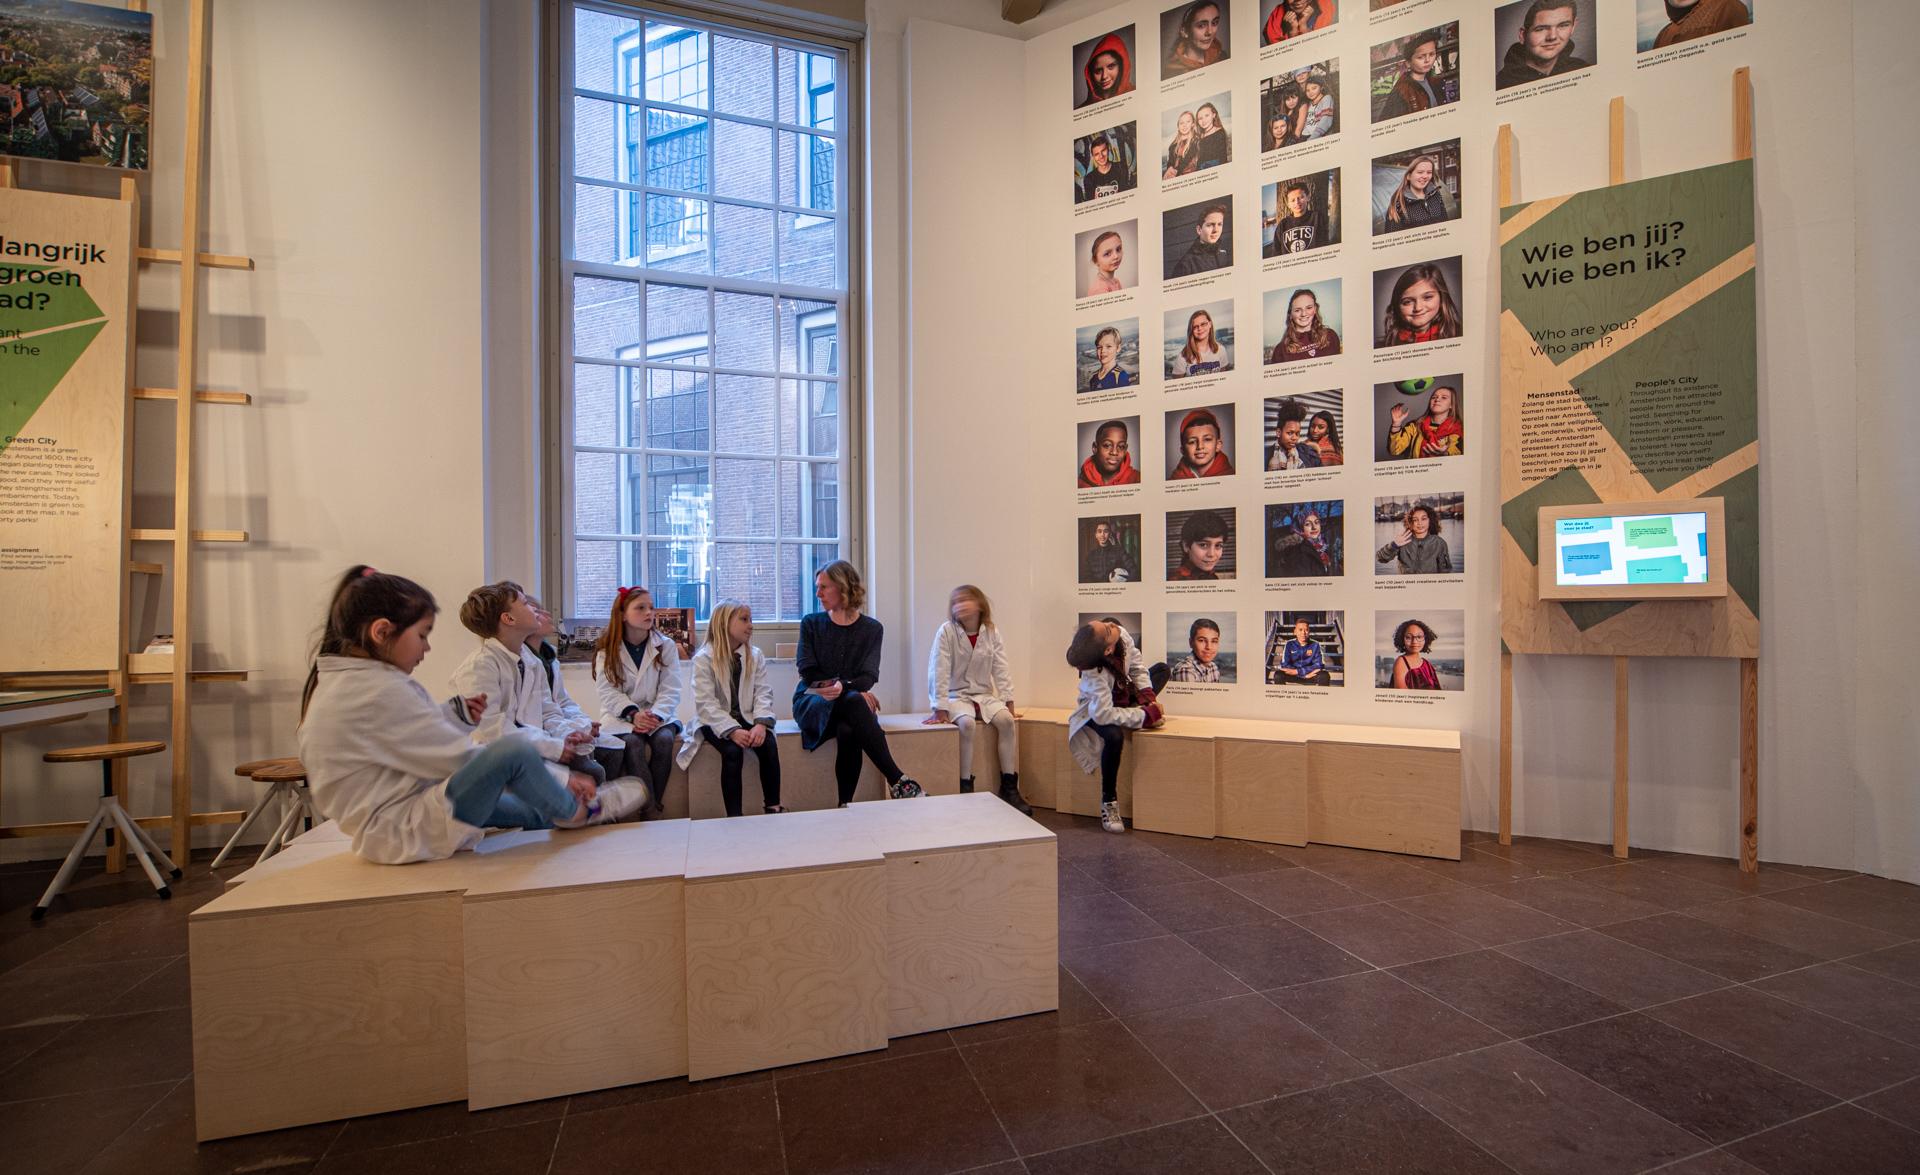 tentoonstellingsontwerp stadslab2 amsterdam museum 14 jpg